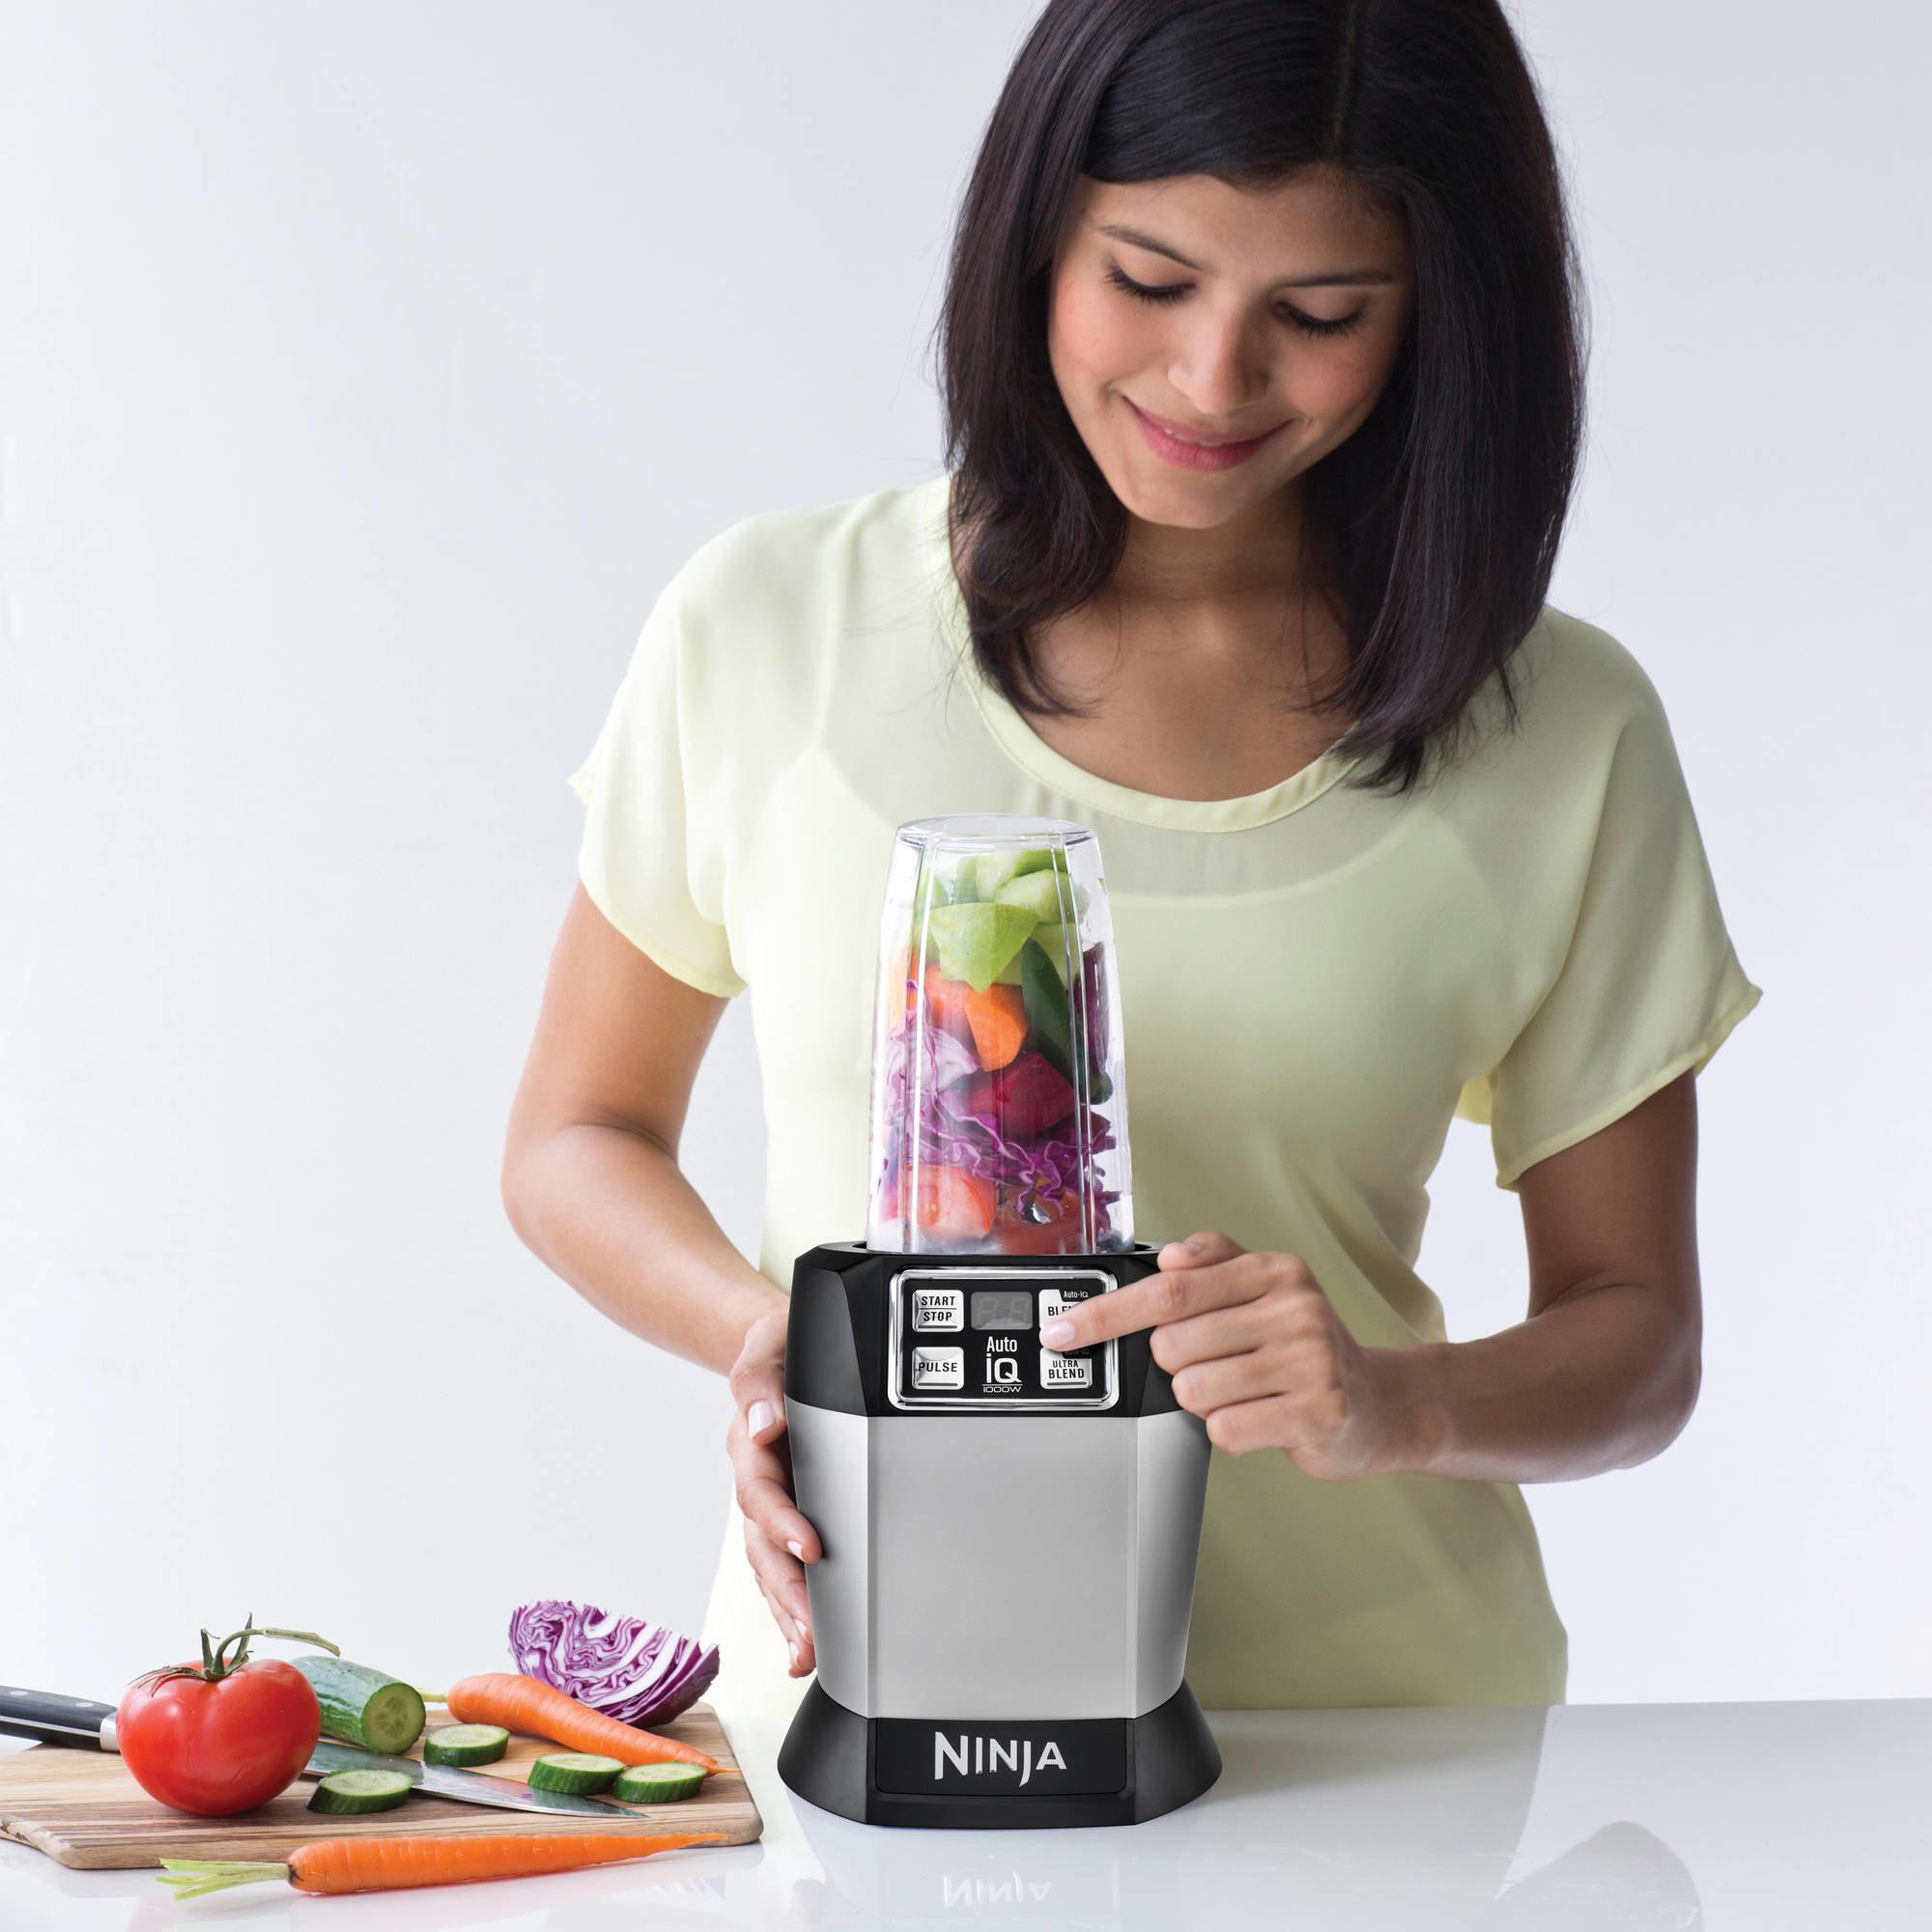 """模特正在按一个忍者搅拌机的按钮,里面有蔬菜""""class="""